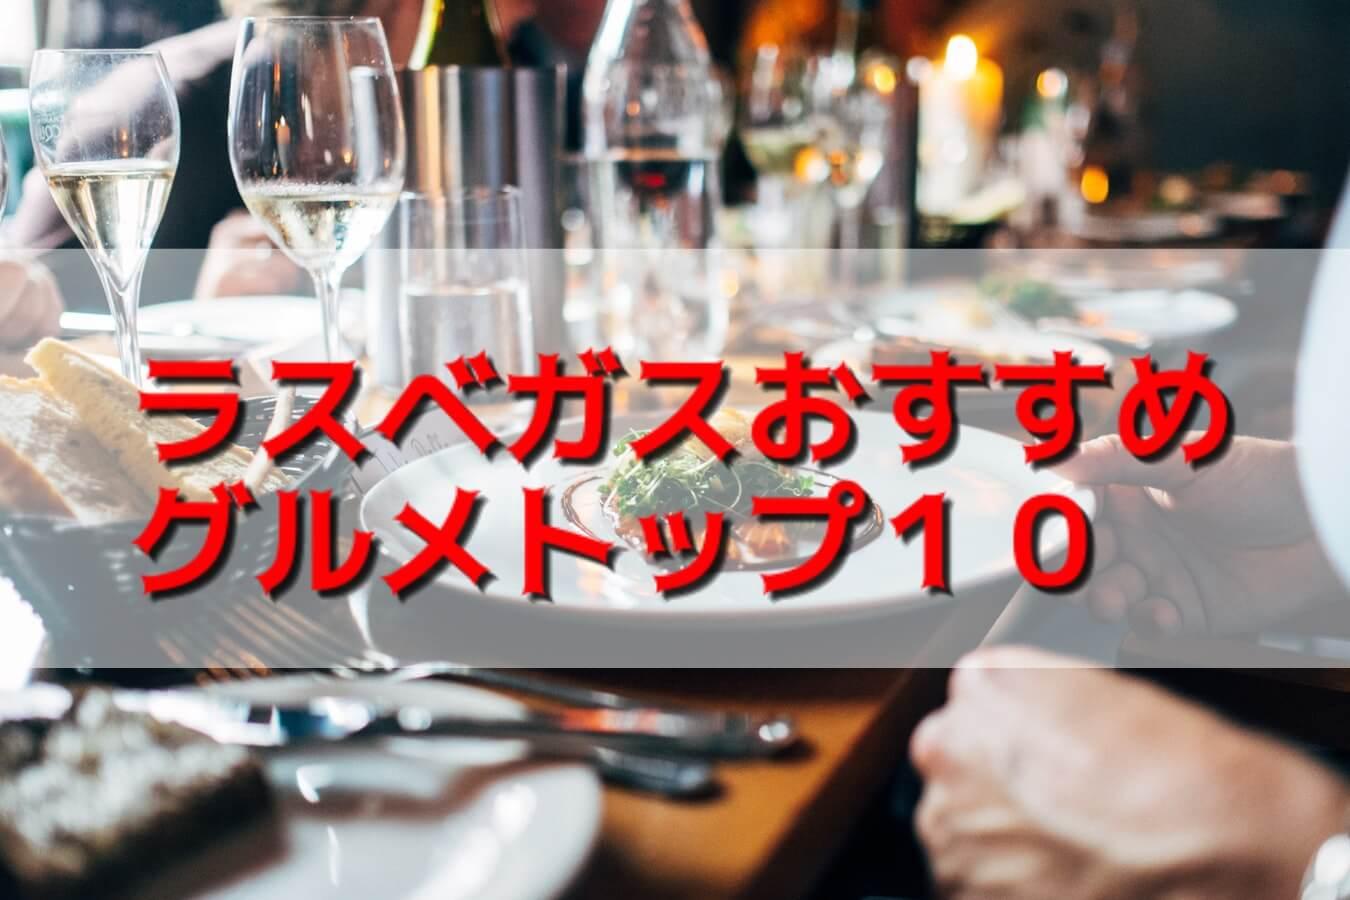 ラスベガスおすすめグルメ・レストランBEST10【地元人が教えます】